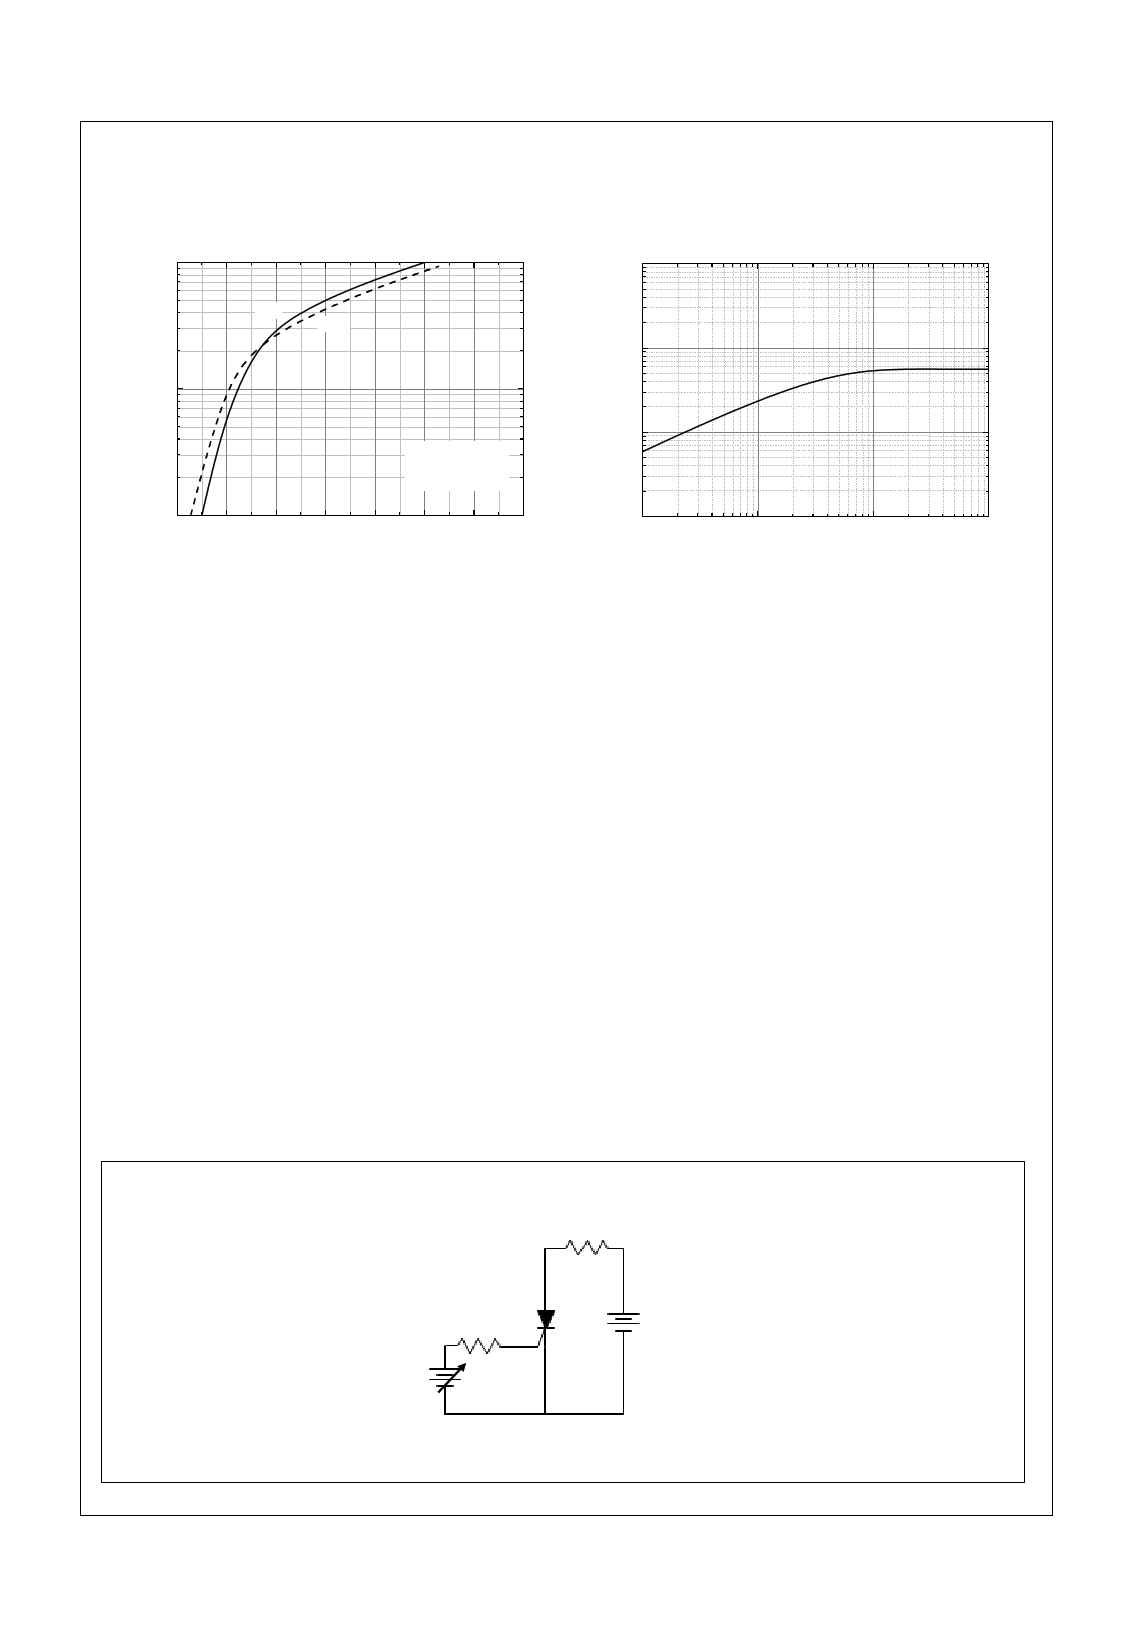 MCK100-6 pdf, 반도체, 판매, 대치품